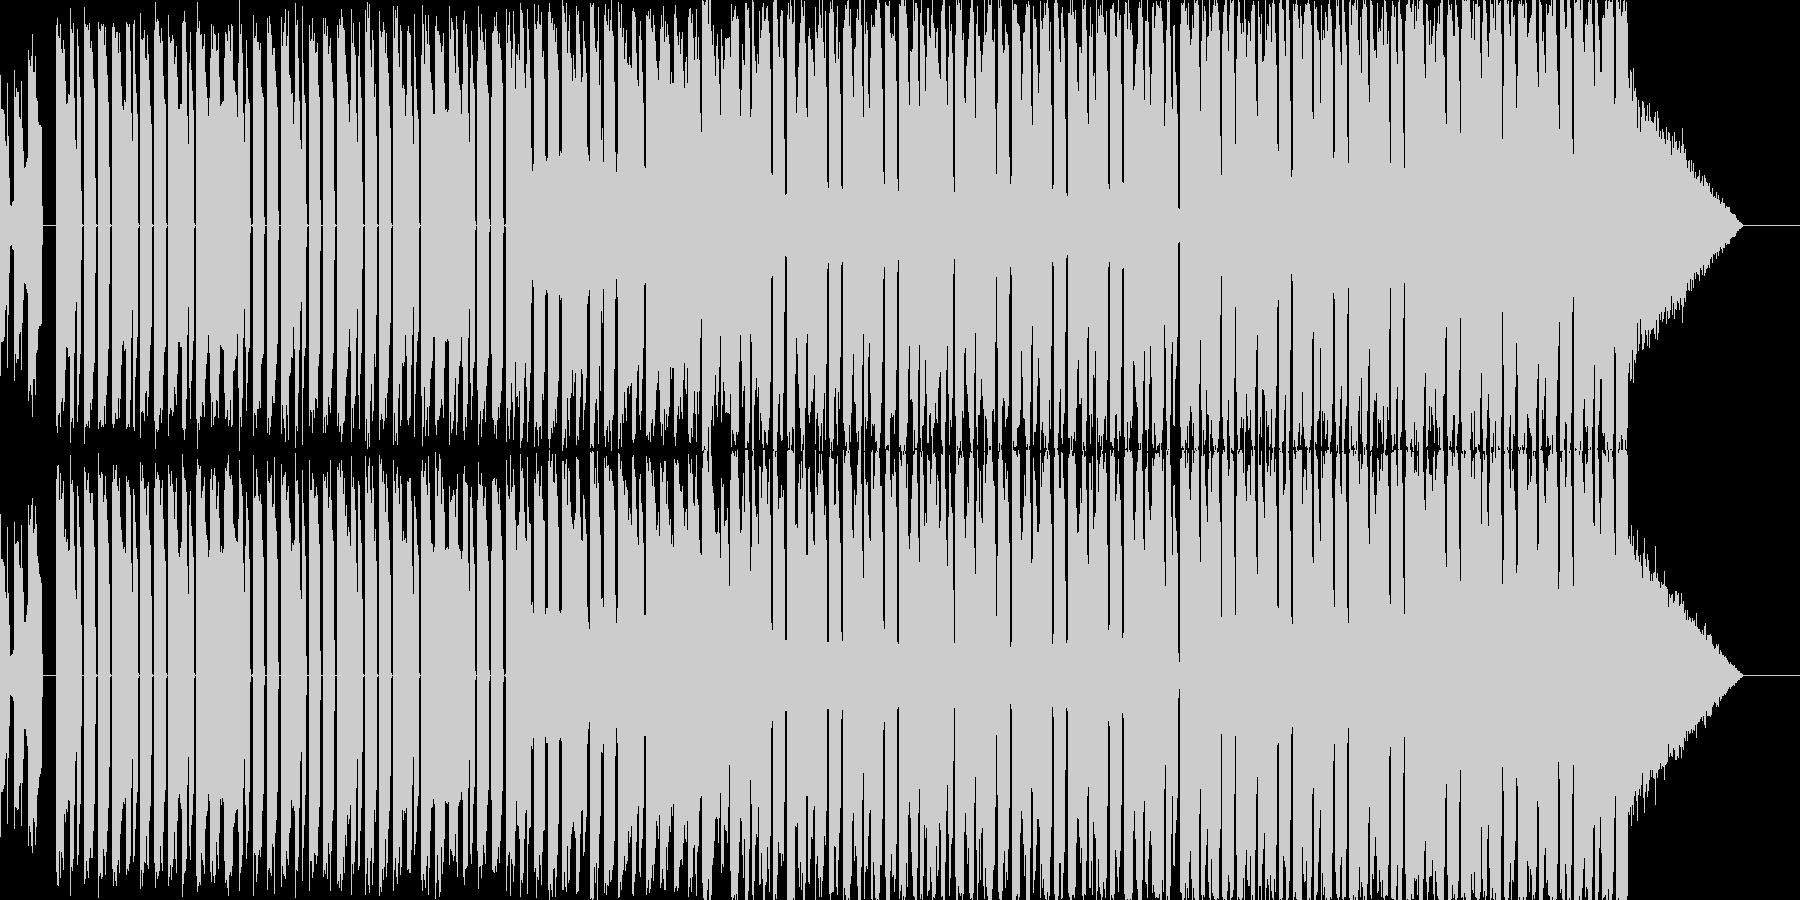 エレクトロで疾走感のあるBGMの未再生の波形